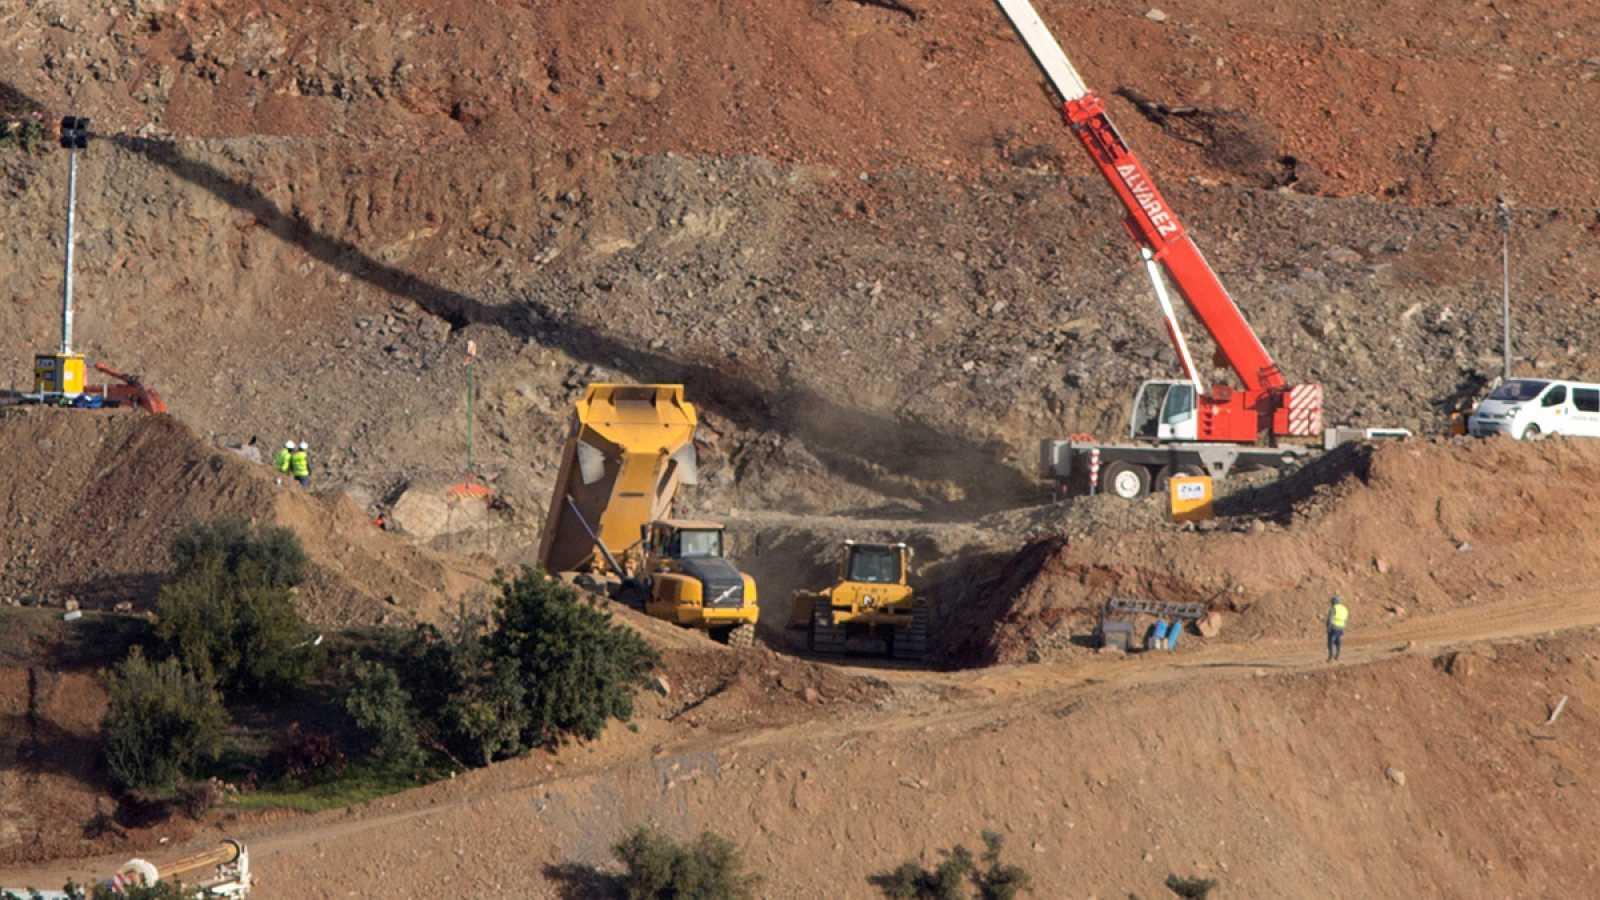 El delegado del Gobierno en Andalucía revela que sabían que el pozo se rellenó de tierra por declaraciones del pocero y del dueño de la finca